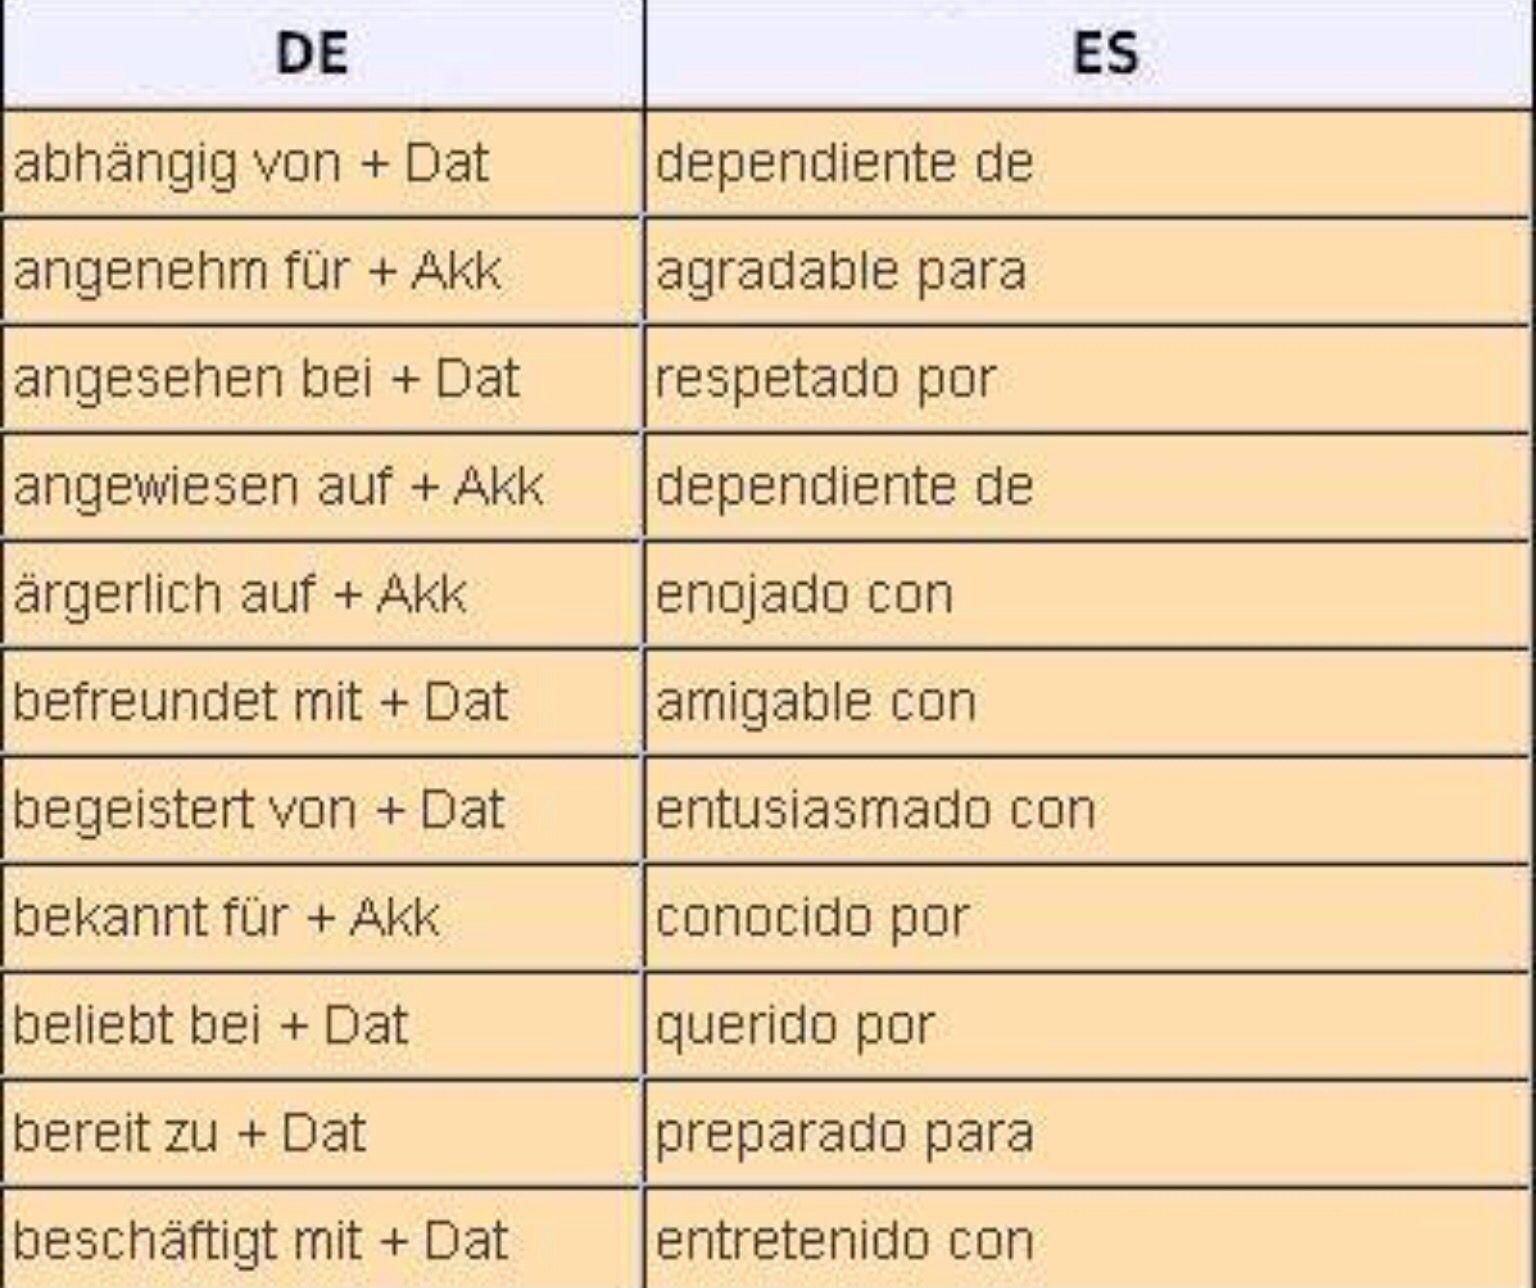 Verben Prapositionen Mit Zwei Kasus Dativ Und Akkusativ